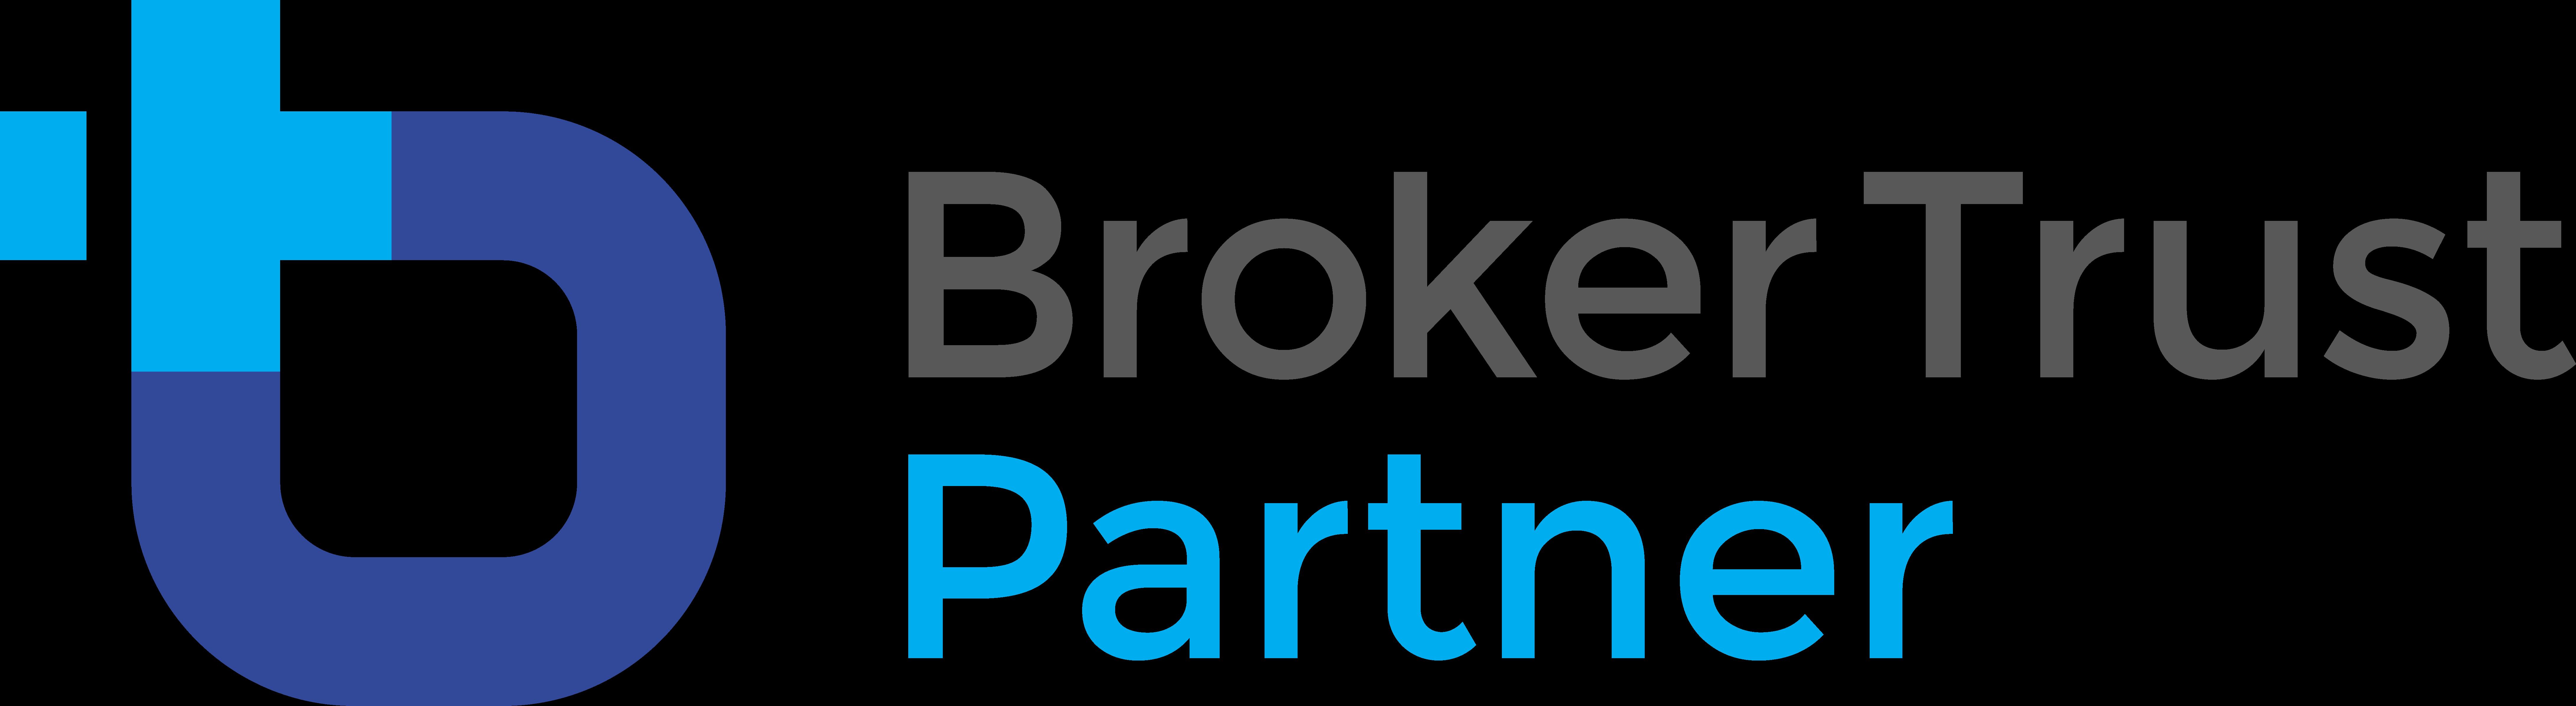 logo_brokertrust_partner_web